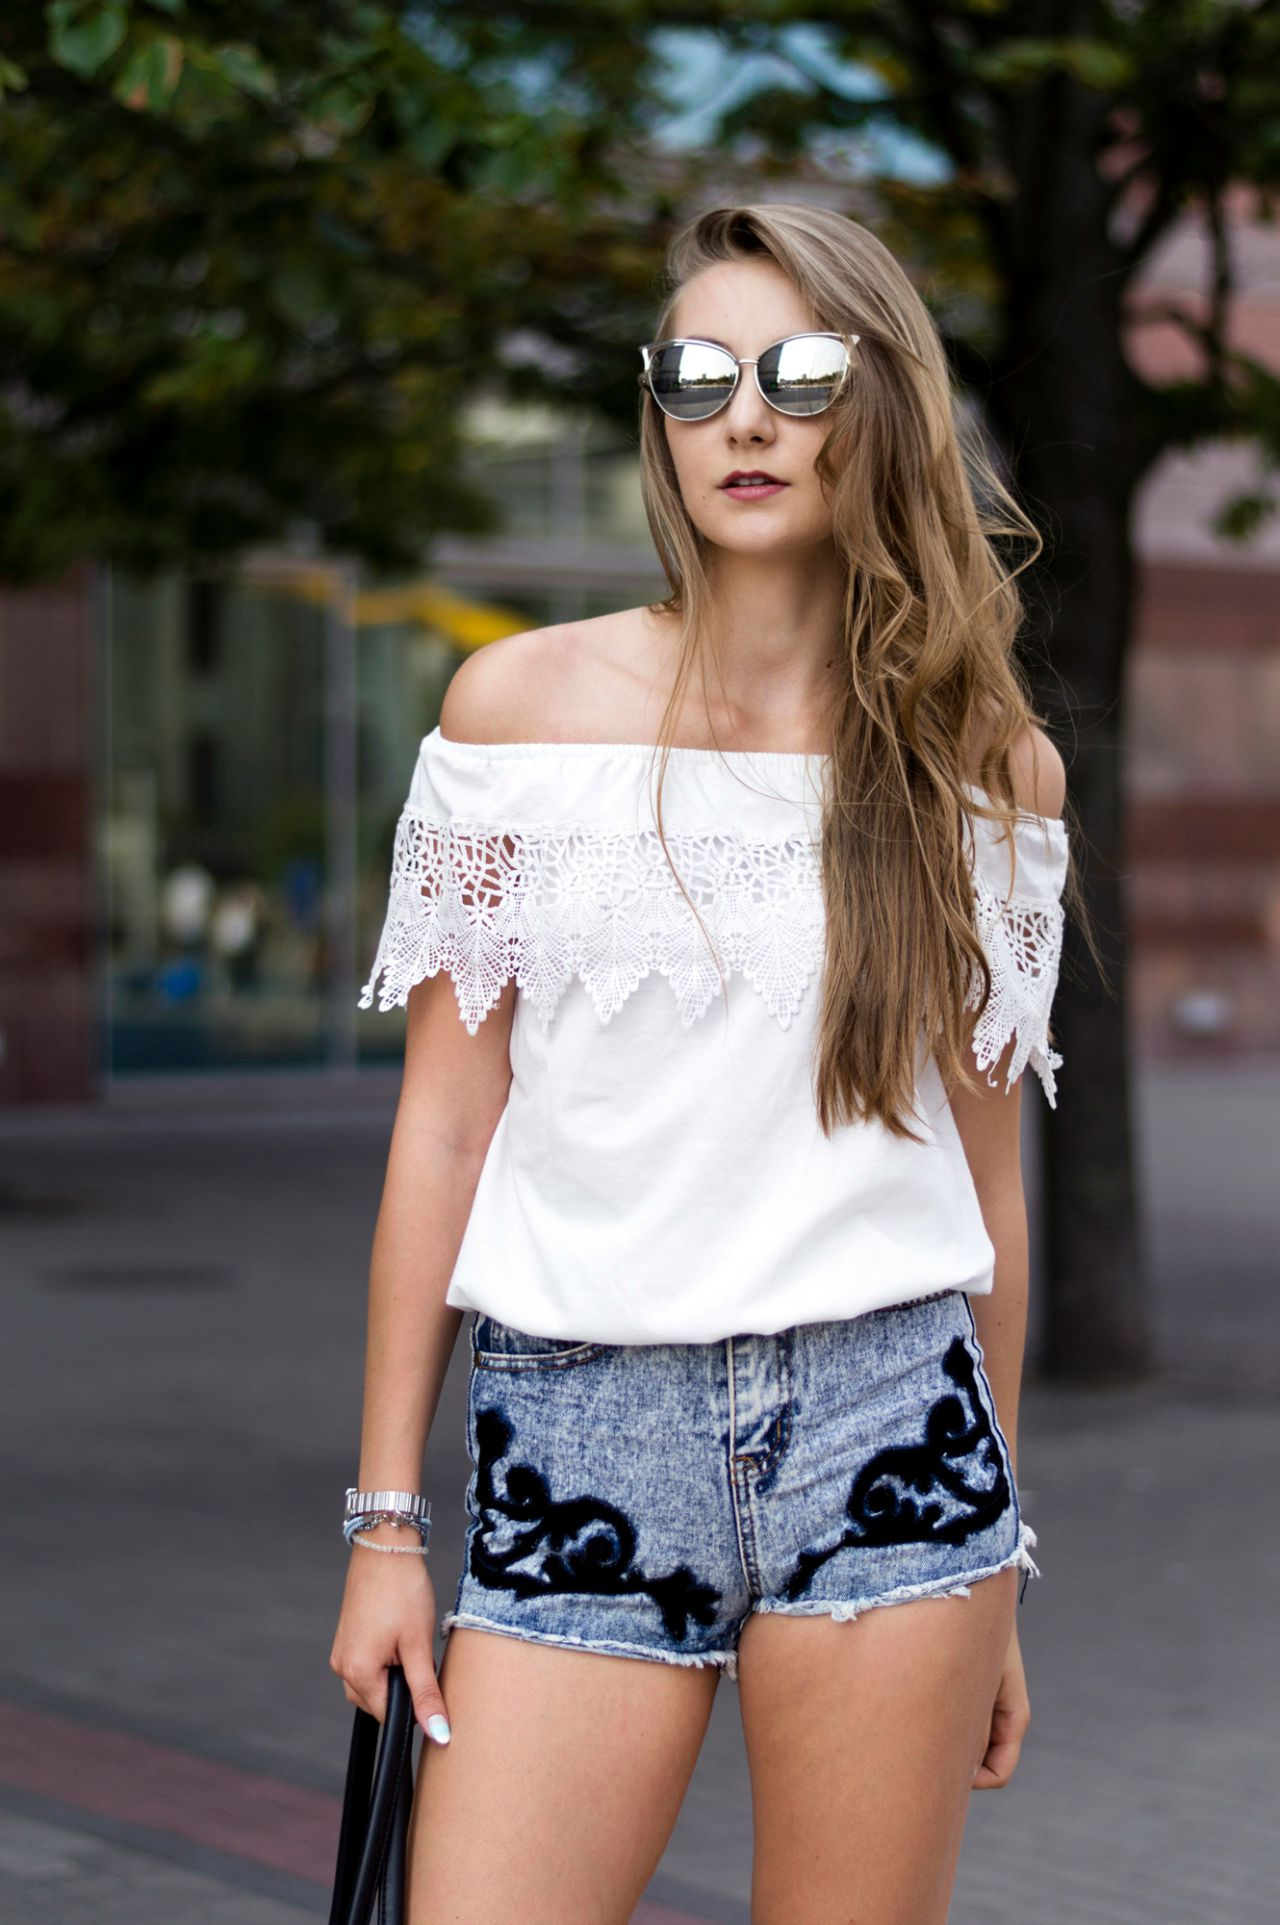 casualowa stylizacja street fashion